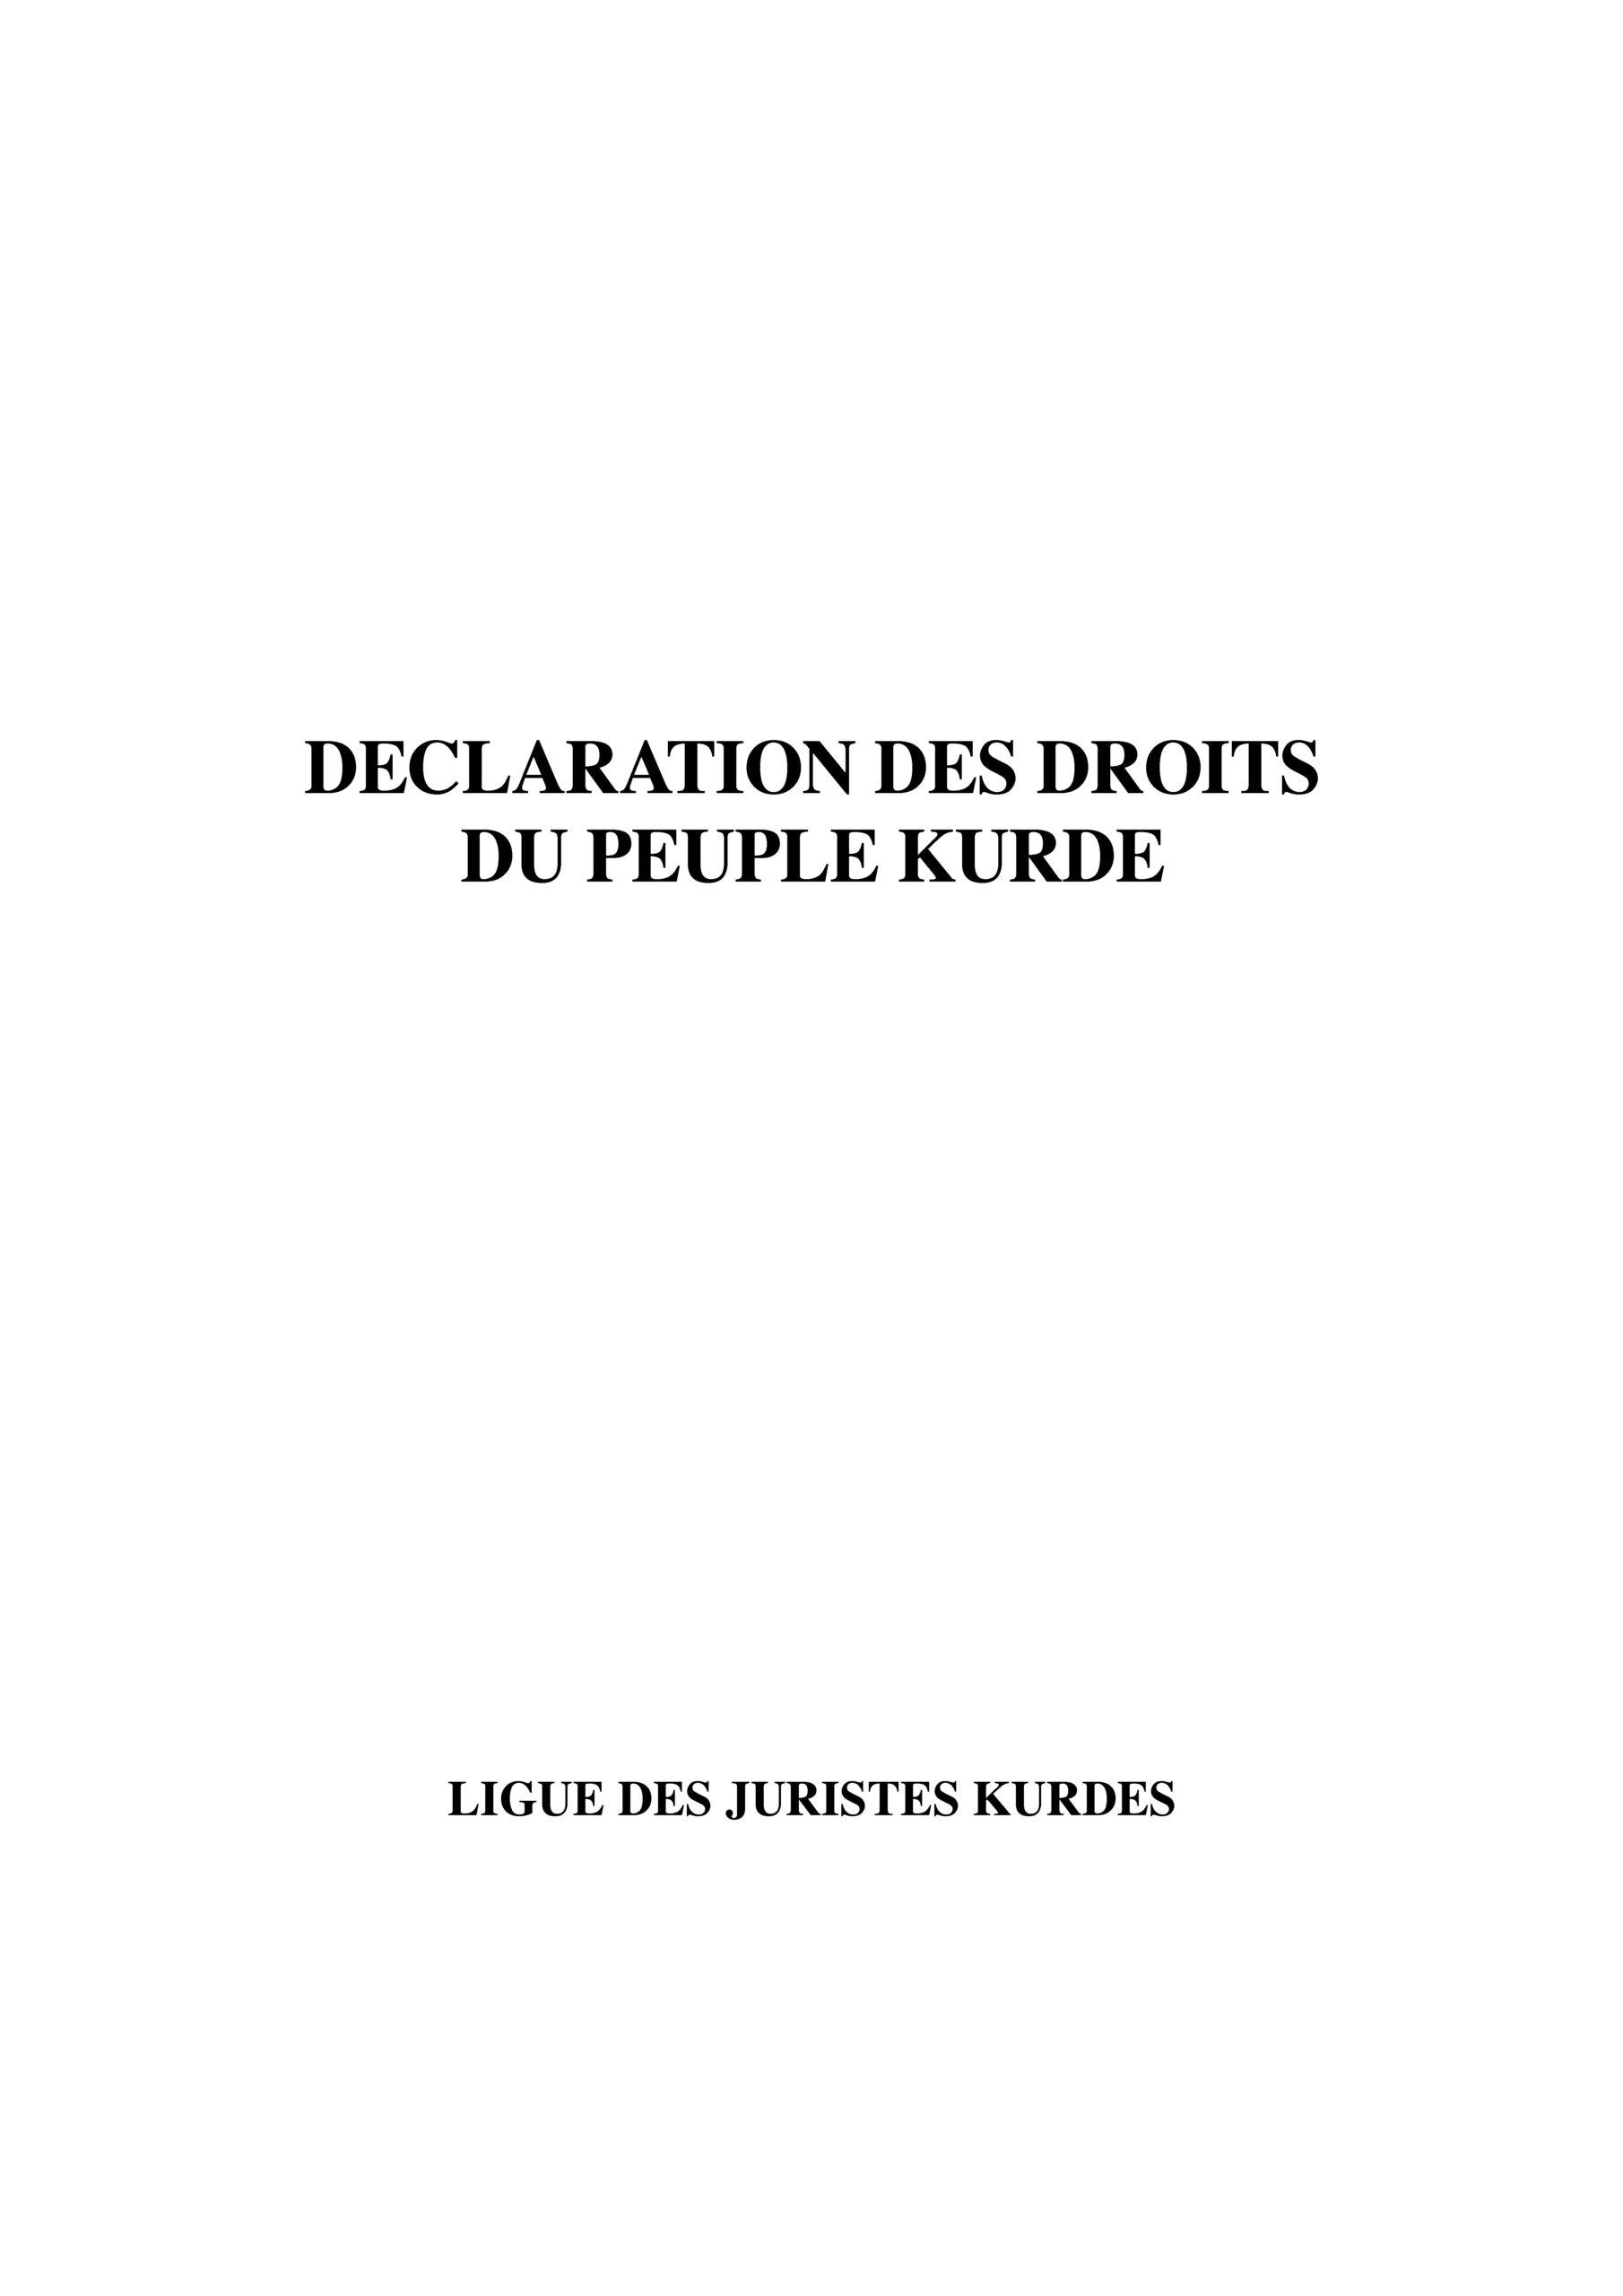 Déclaration des droits du peuple kurde